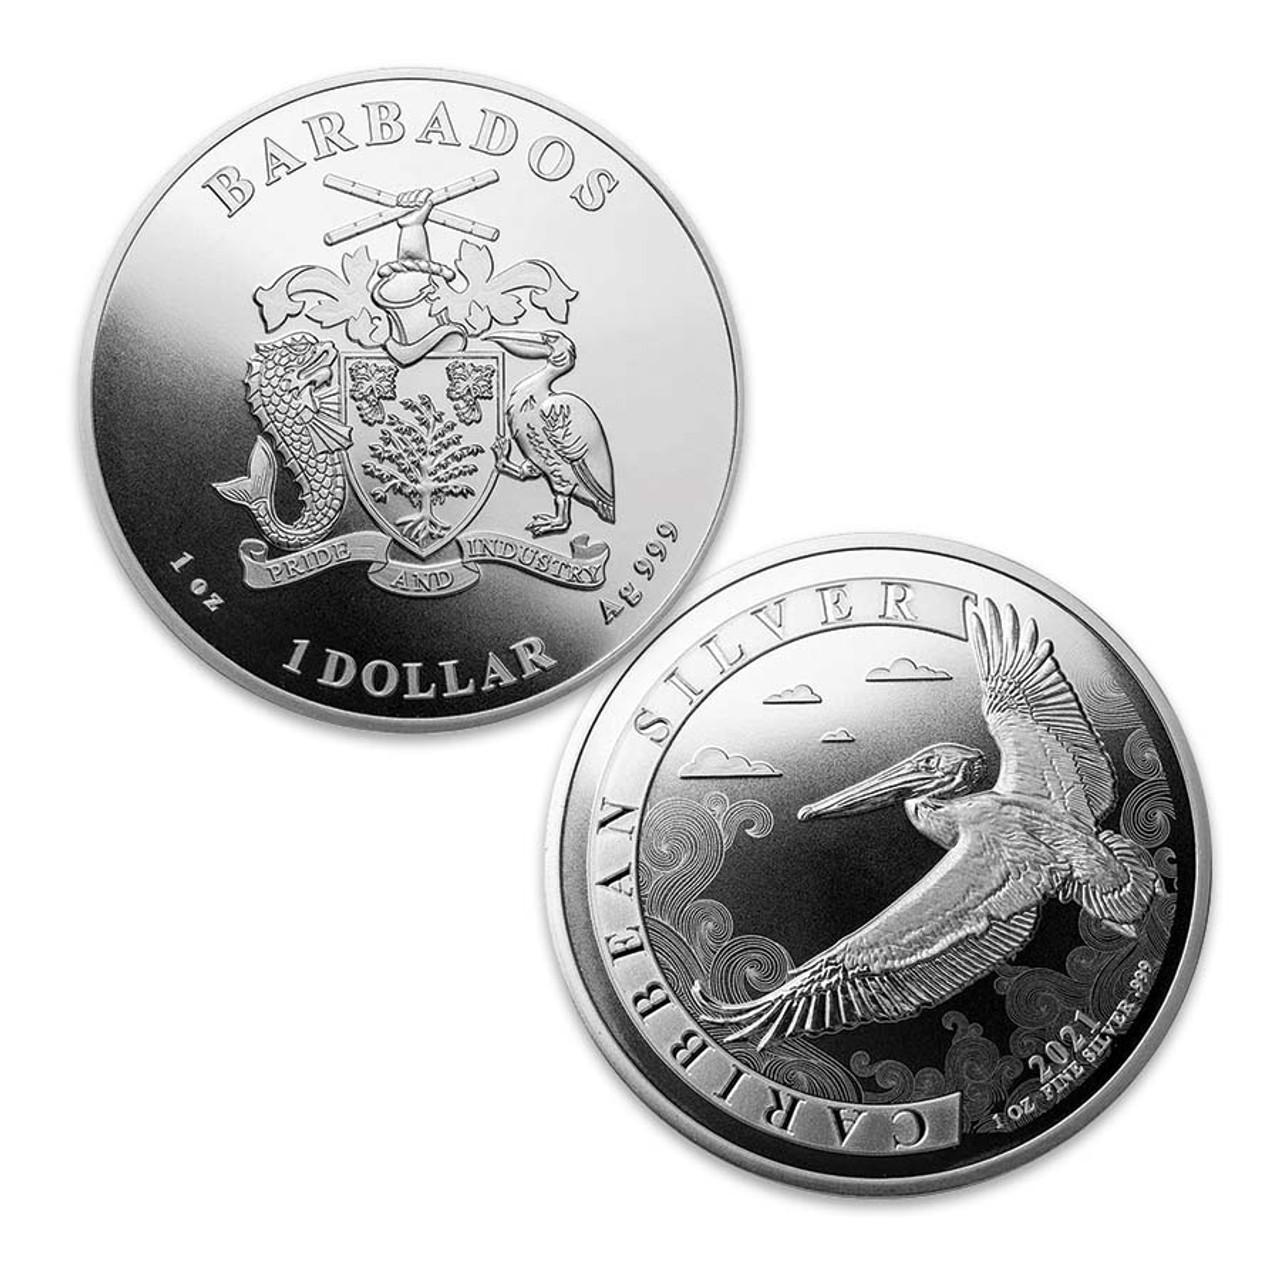 Barbados 2021 Pelican 1-Oz. Pelican Silver Dollar Brilliant Uncirculated